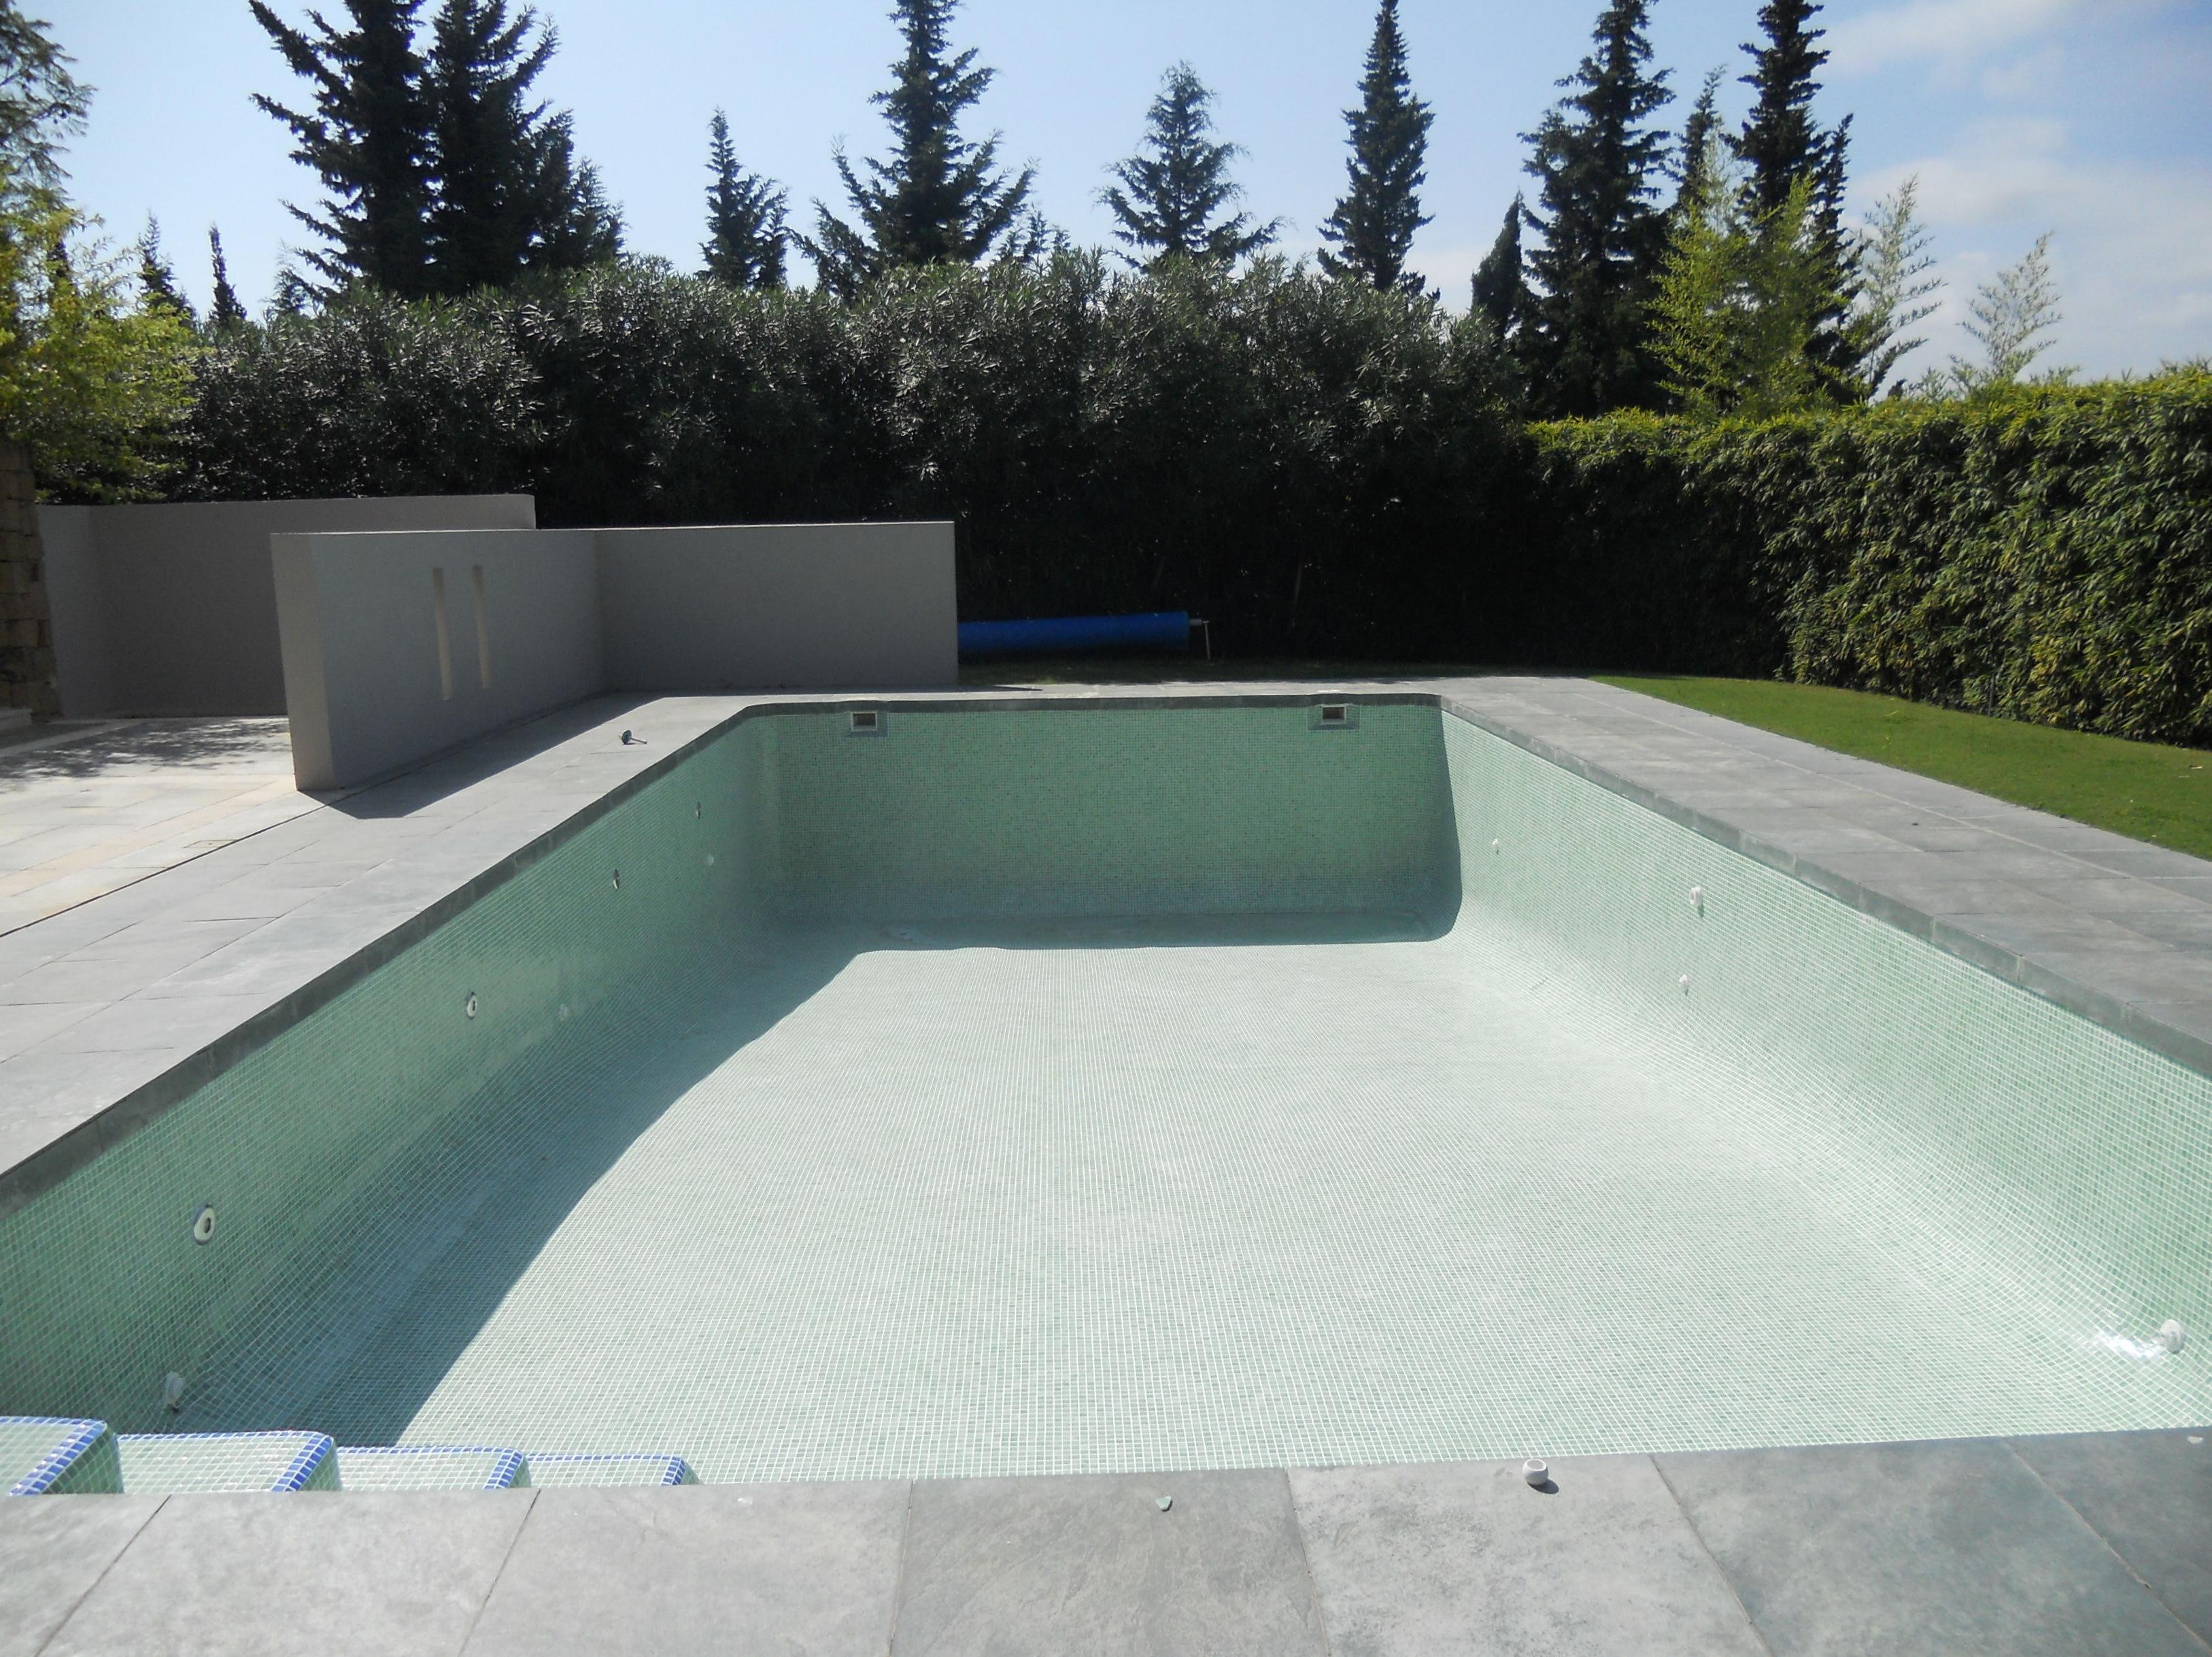 Construcci n de piscinas de hormig n productos y for Construccion de piscinas de hormigon